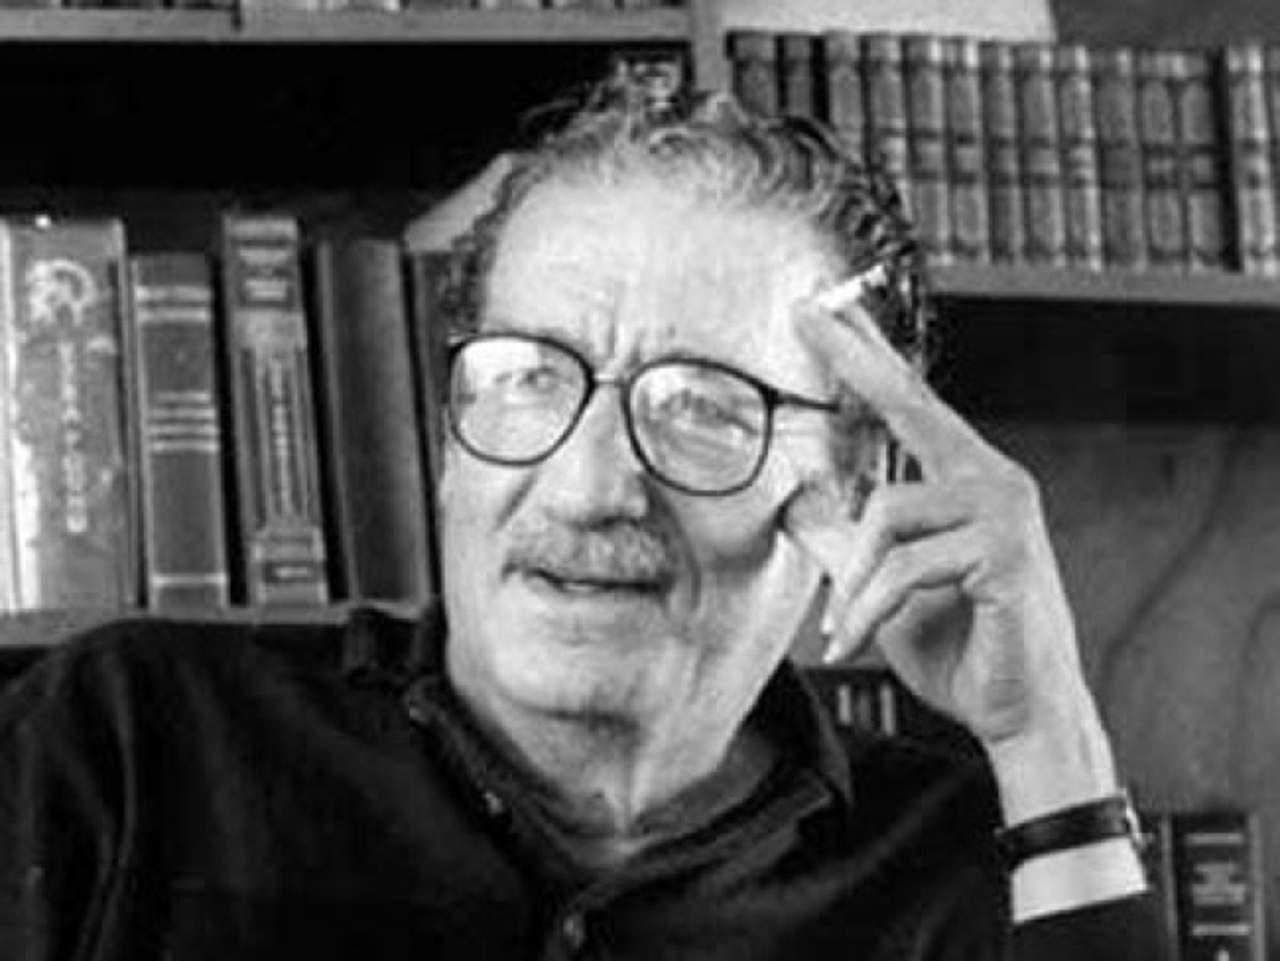 1999: Acaban los días de Jaime Sabines, uno de los grandes poetas mexicanos del siglo XX